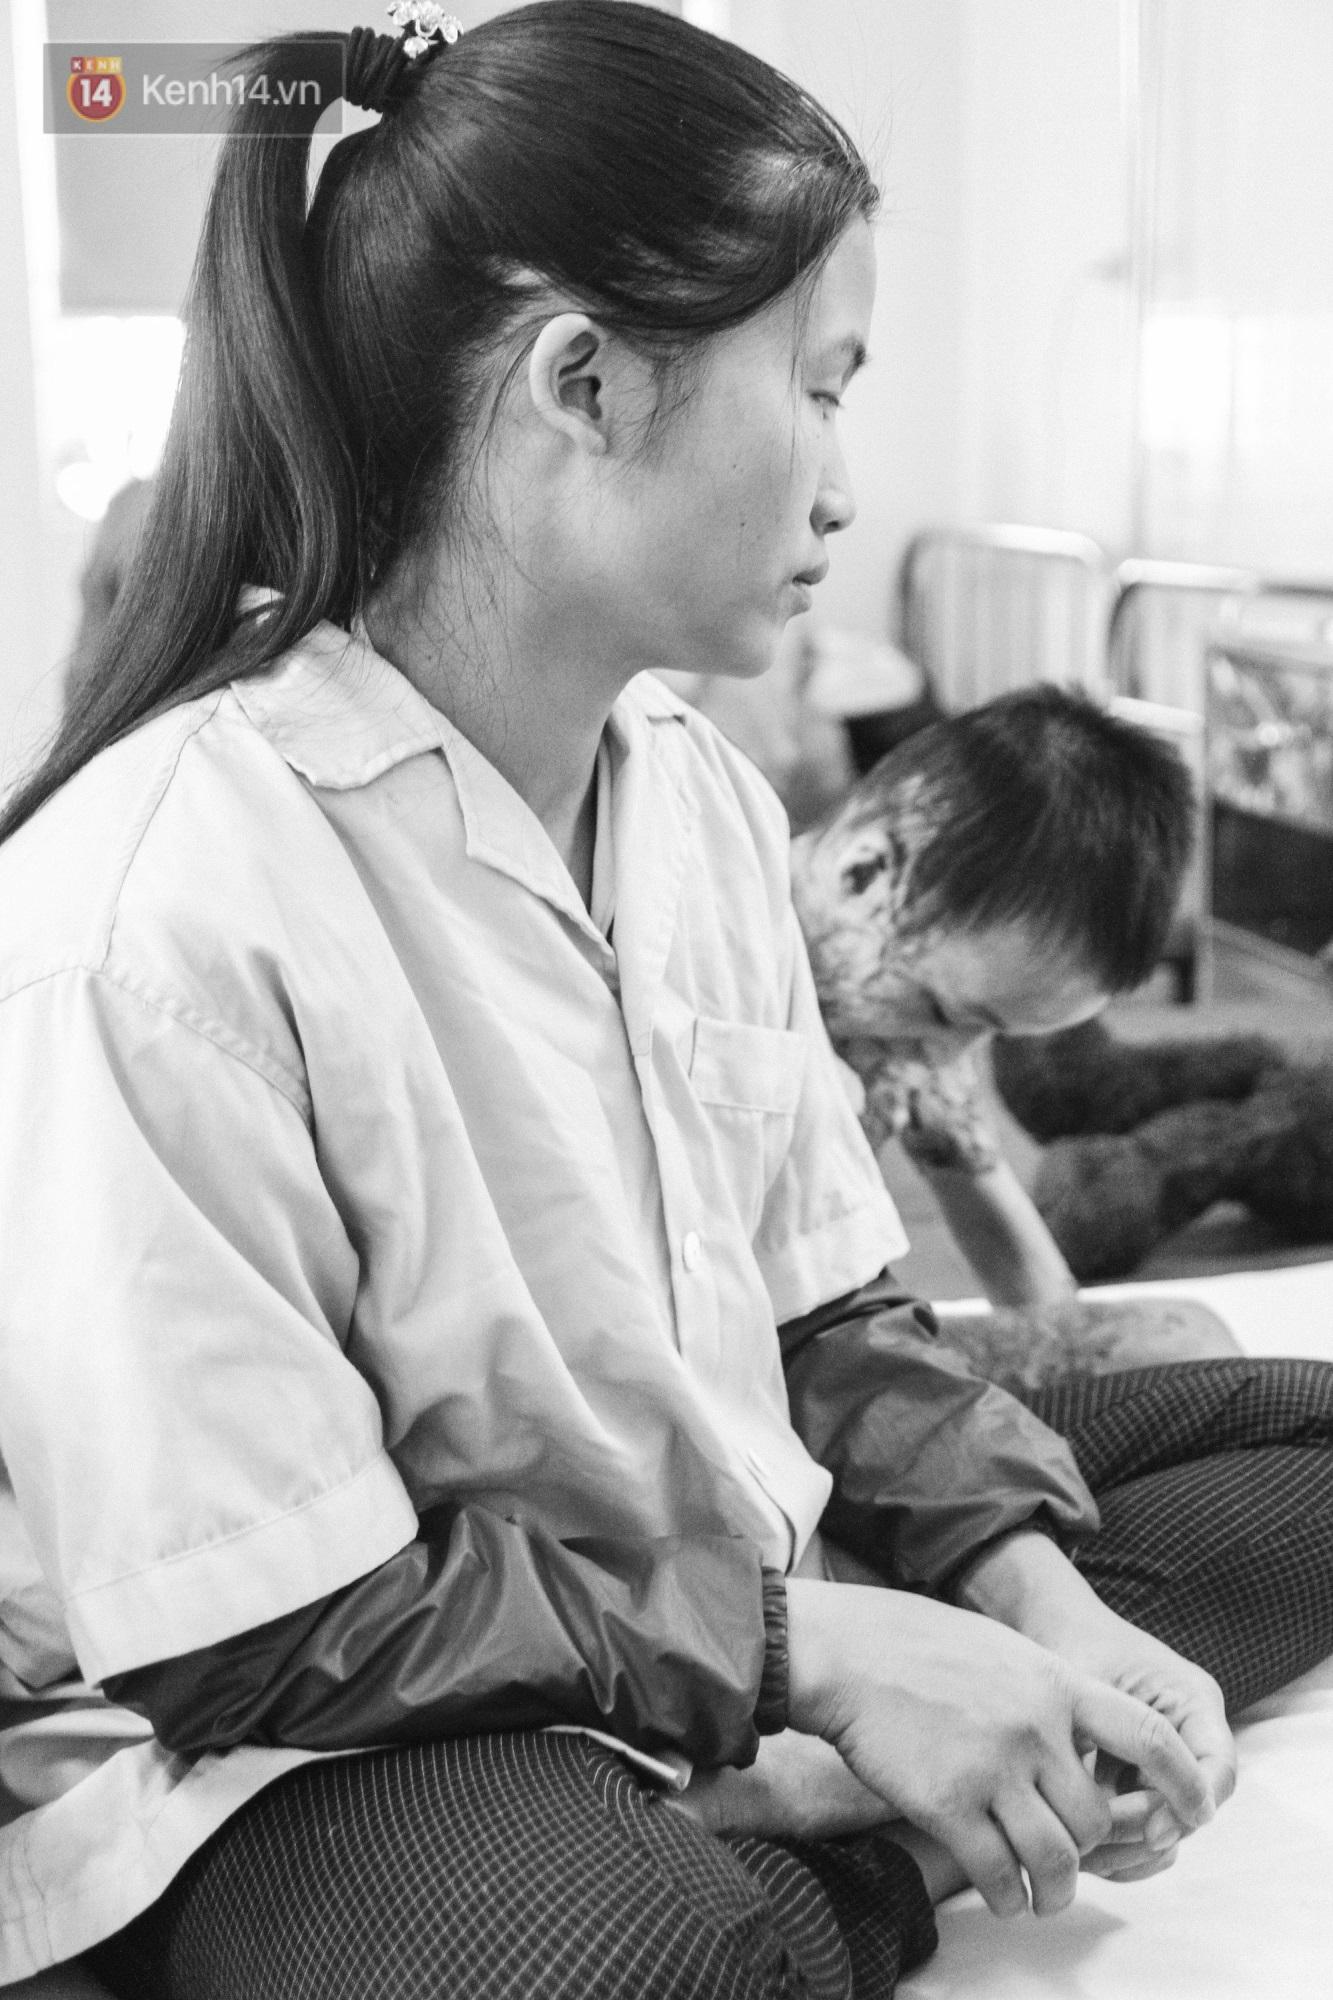 Xót xa những vết bỏng đau đớn trên người bé trai 6 tuổi: Ngày con phải cưa chân là ngày bạn bè vào lớp 1 - Ảnh 2